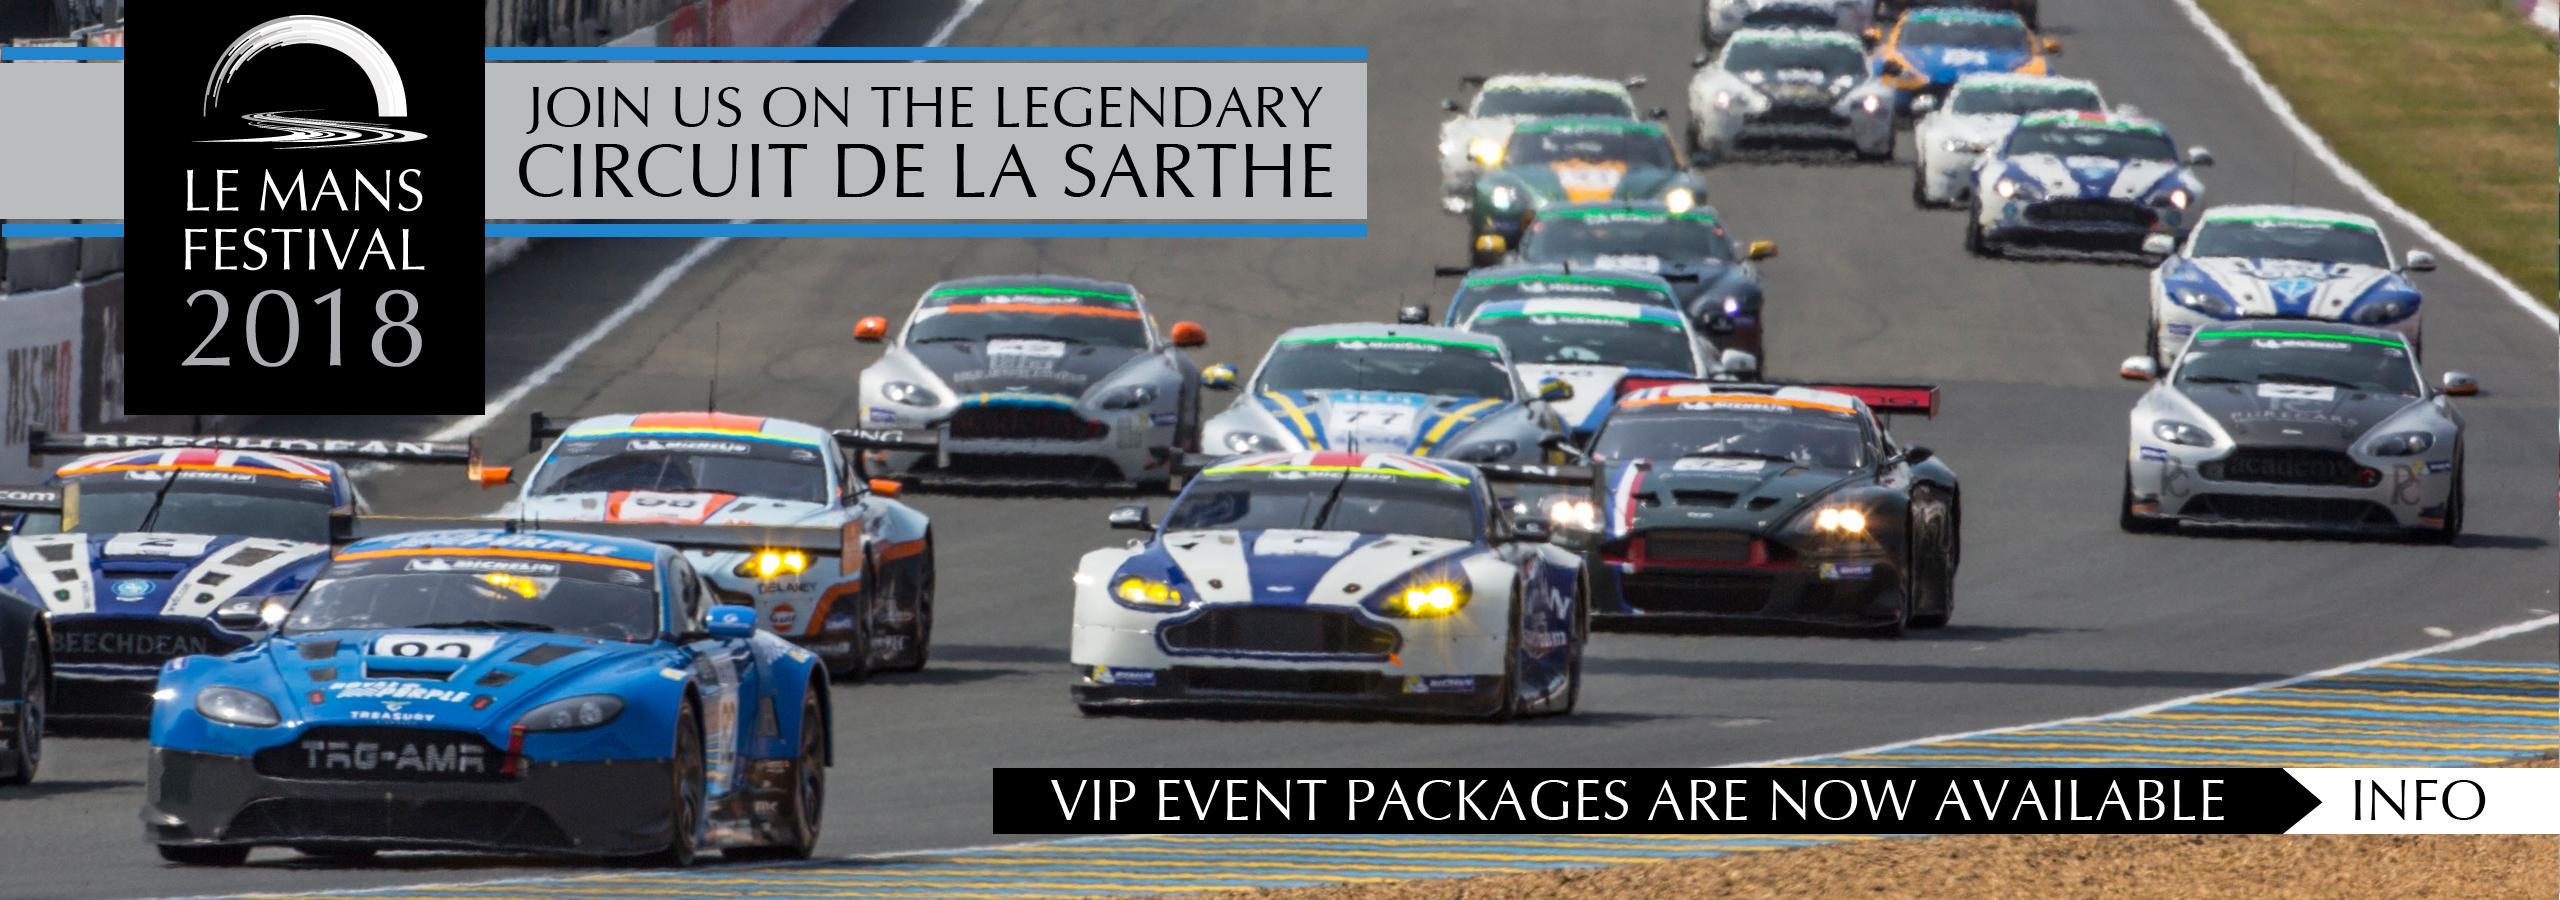 Aston Martin 2018 Le Mans Festival